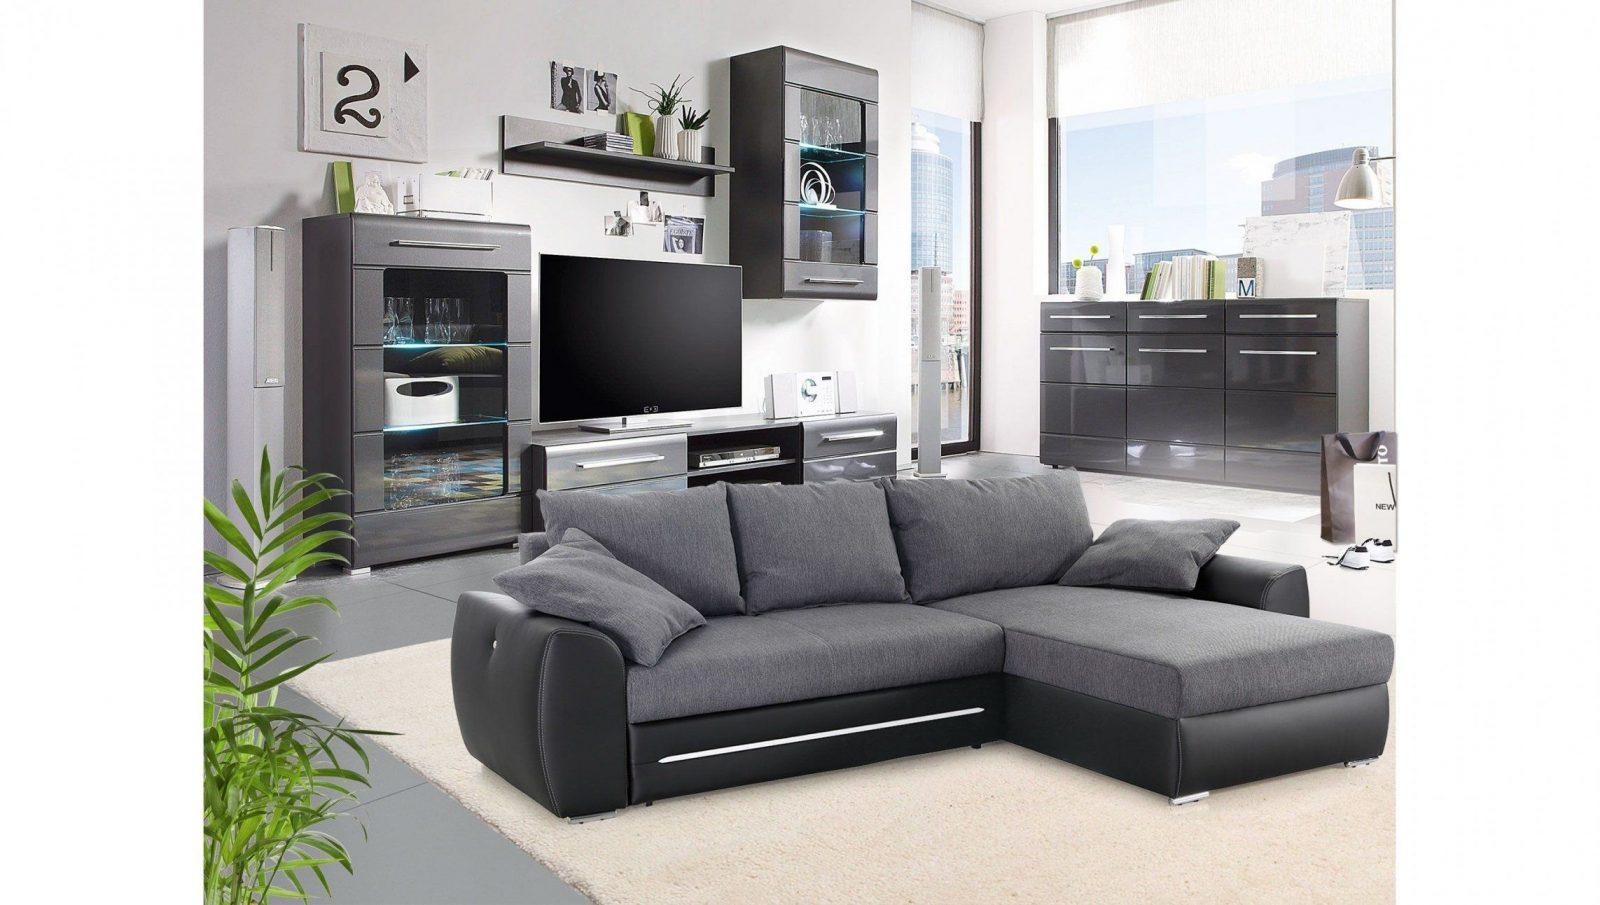 billig wohnwand g nstig auf raten kaufen wohnung pinterest. Black Bedroom Furniture Sets. Home Design Ideas